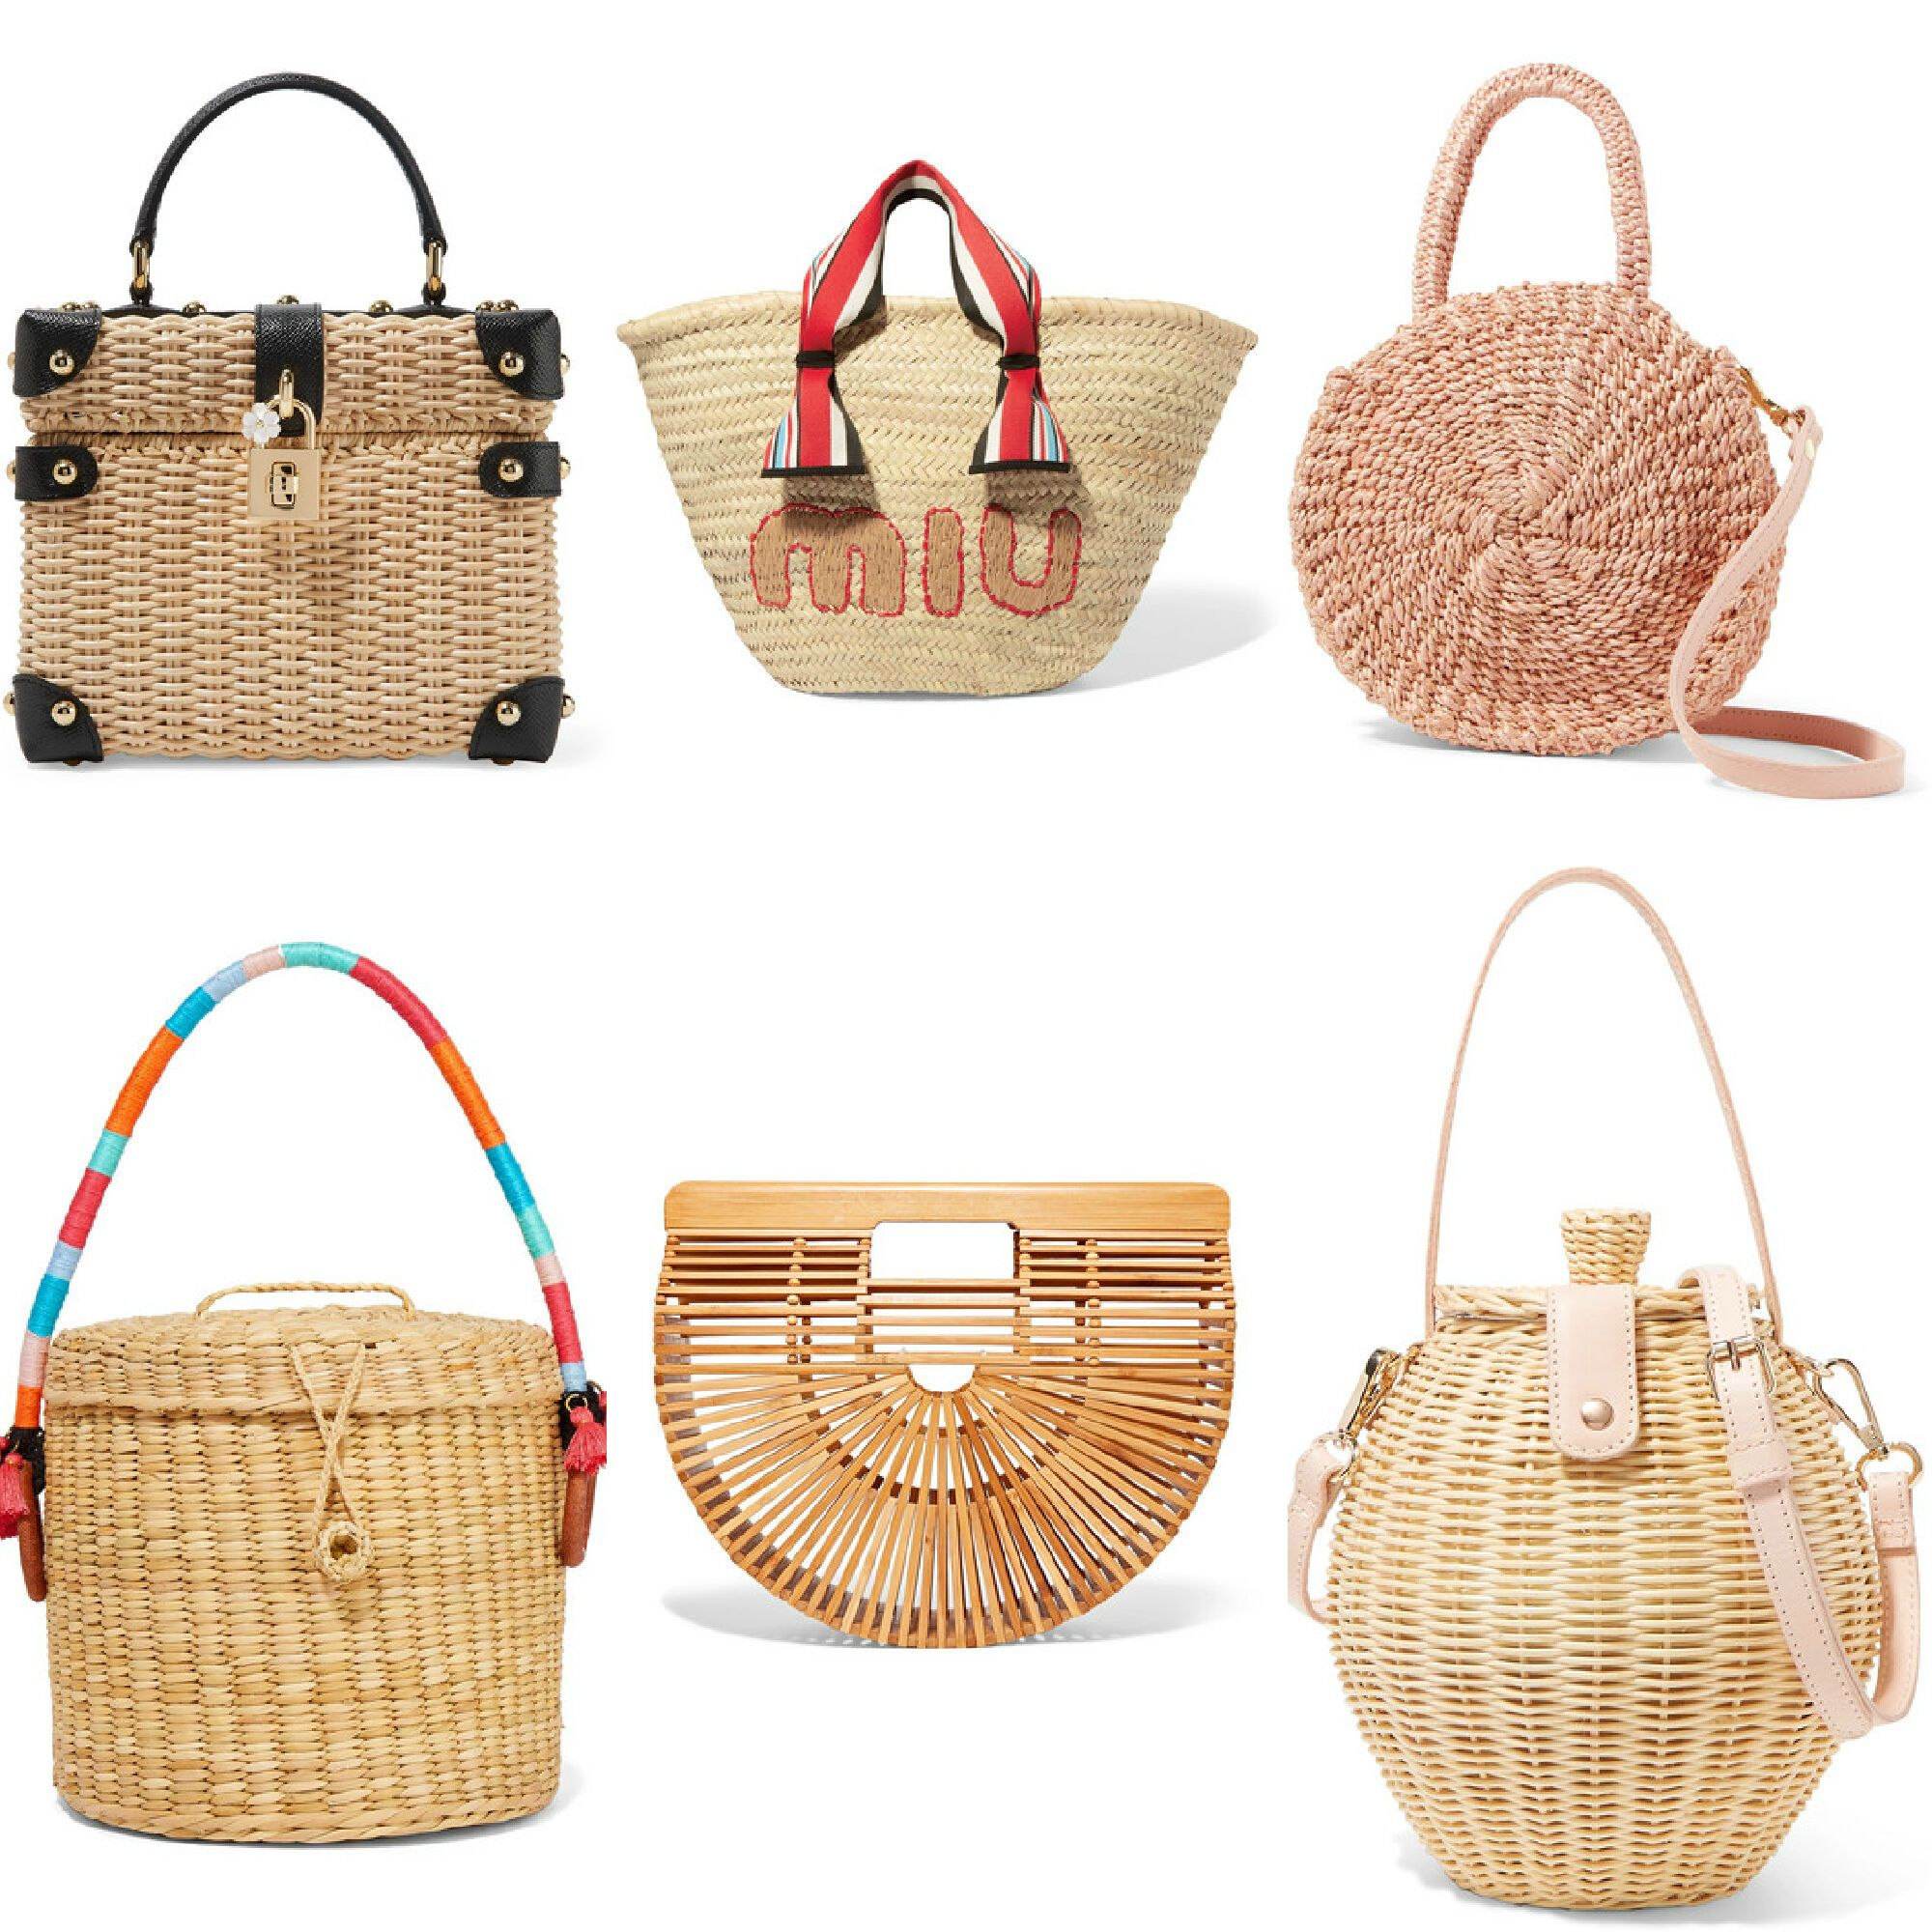 afe47c6b1129 Эта сумка - самый модный хит весны-лета | Обозреватель 16 мая